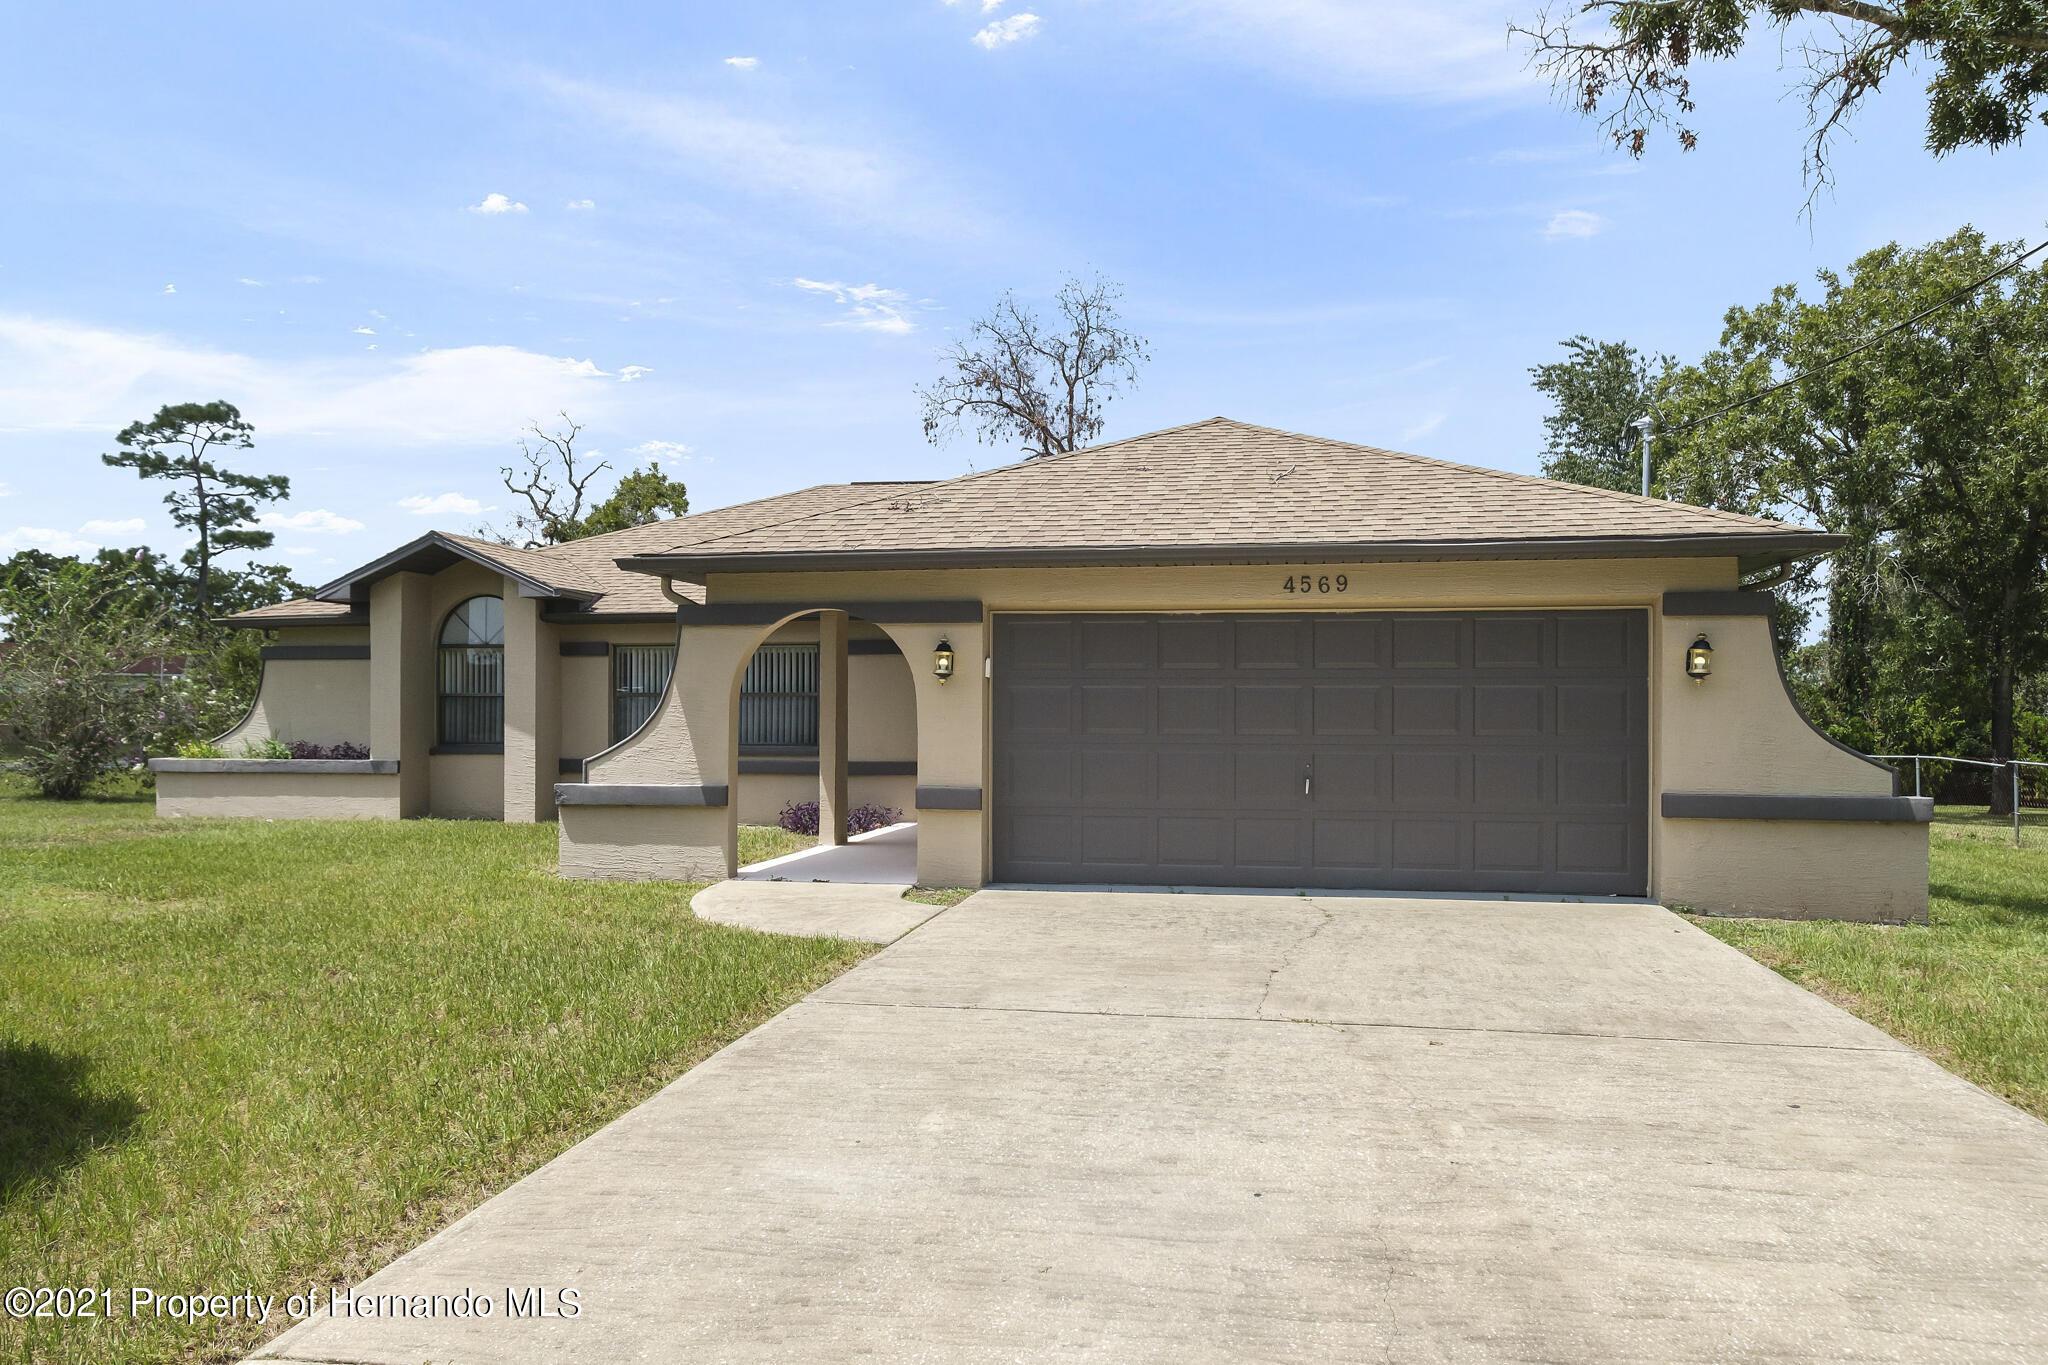 Details for 4569 Goldcoast Avenue, Spring Hill, FL 34609